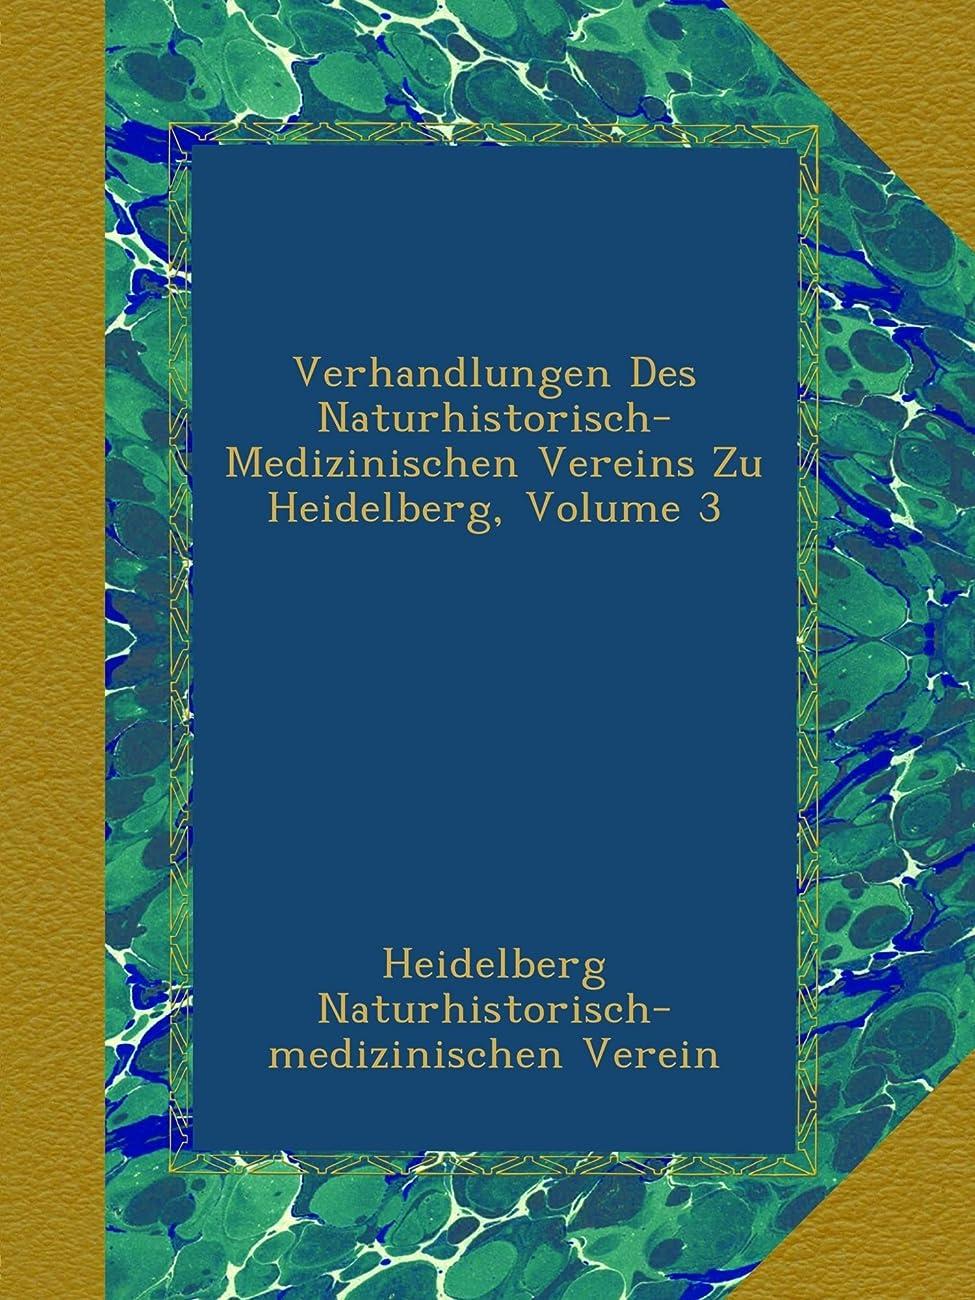 反毒登る程度Verhandlungen Des Naturhistorisch-Medizinischen Vereins Zu Heidelberg, Volume 3